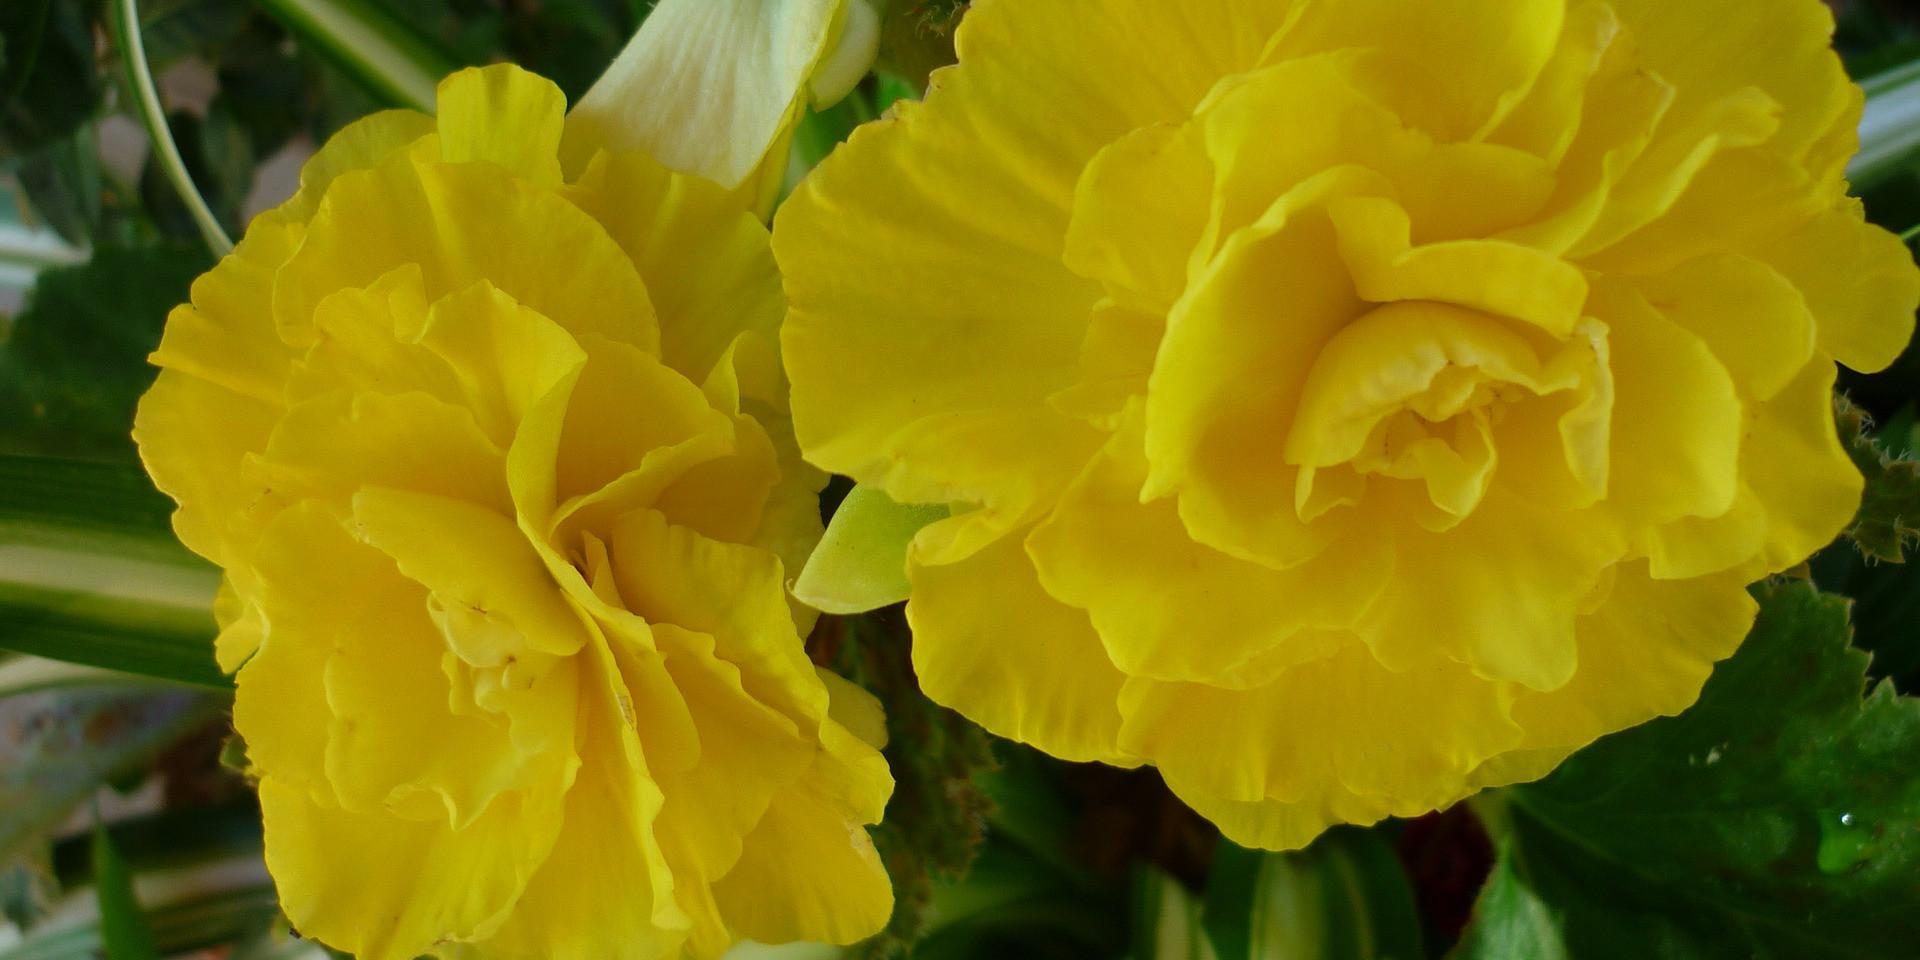 Begonia Varieties